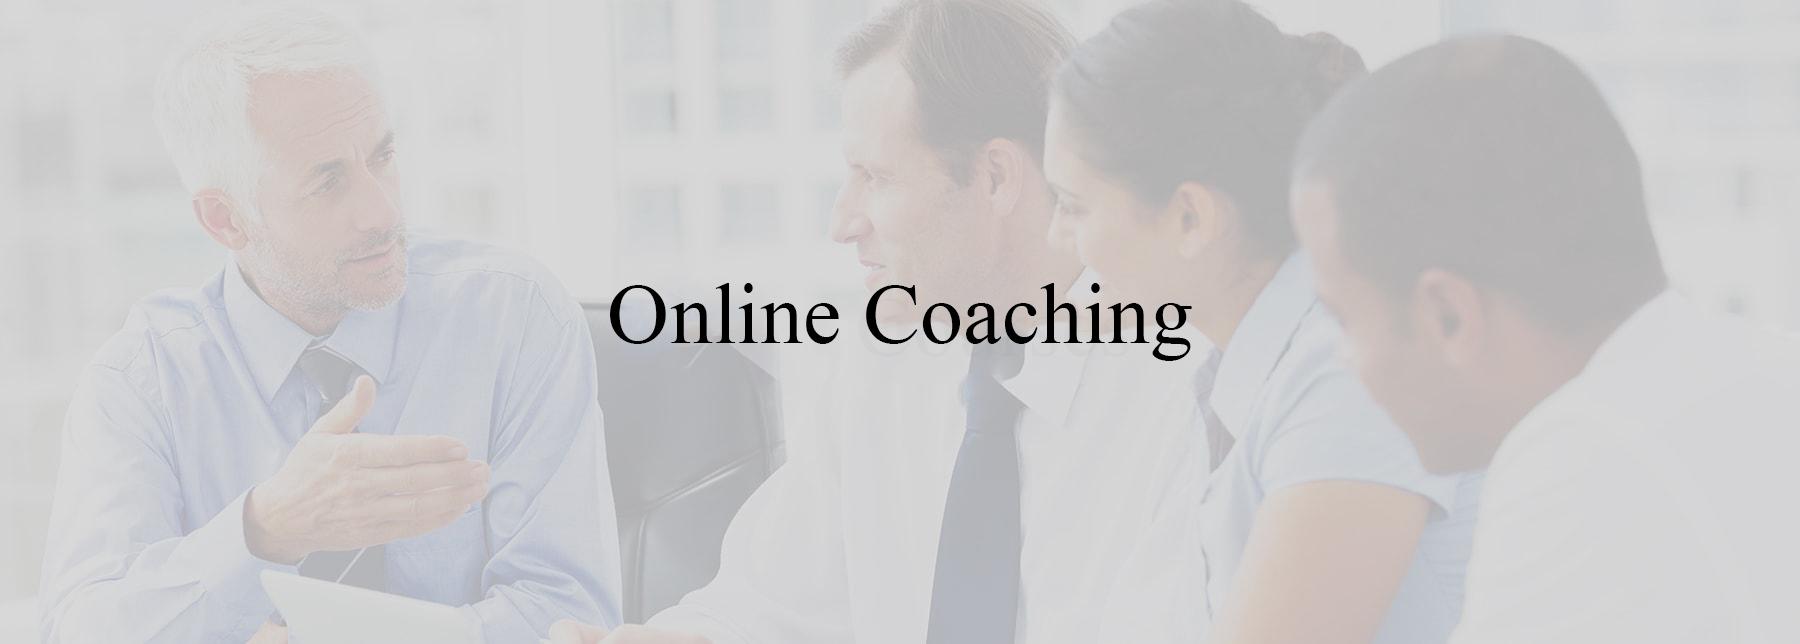 online coaching 1